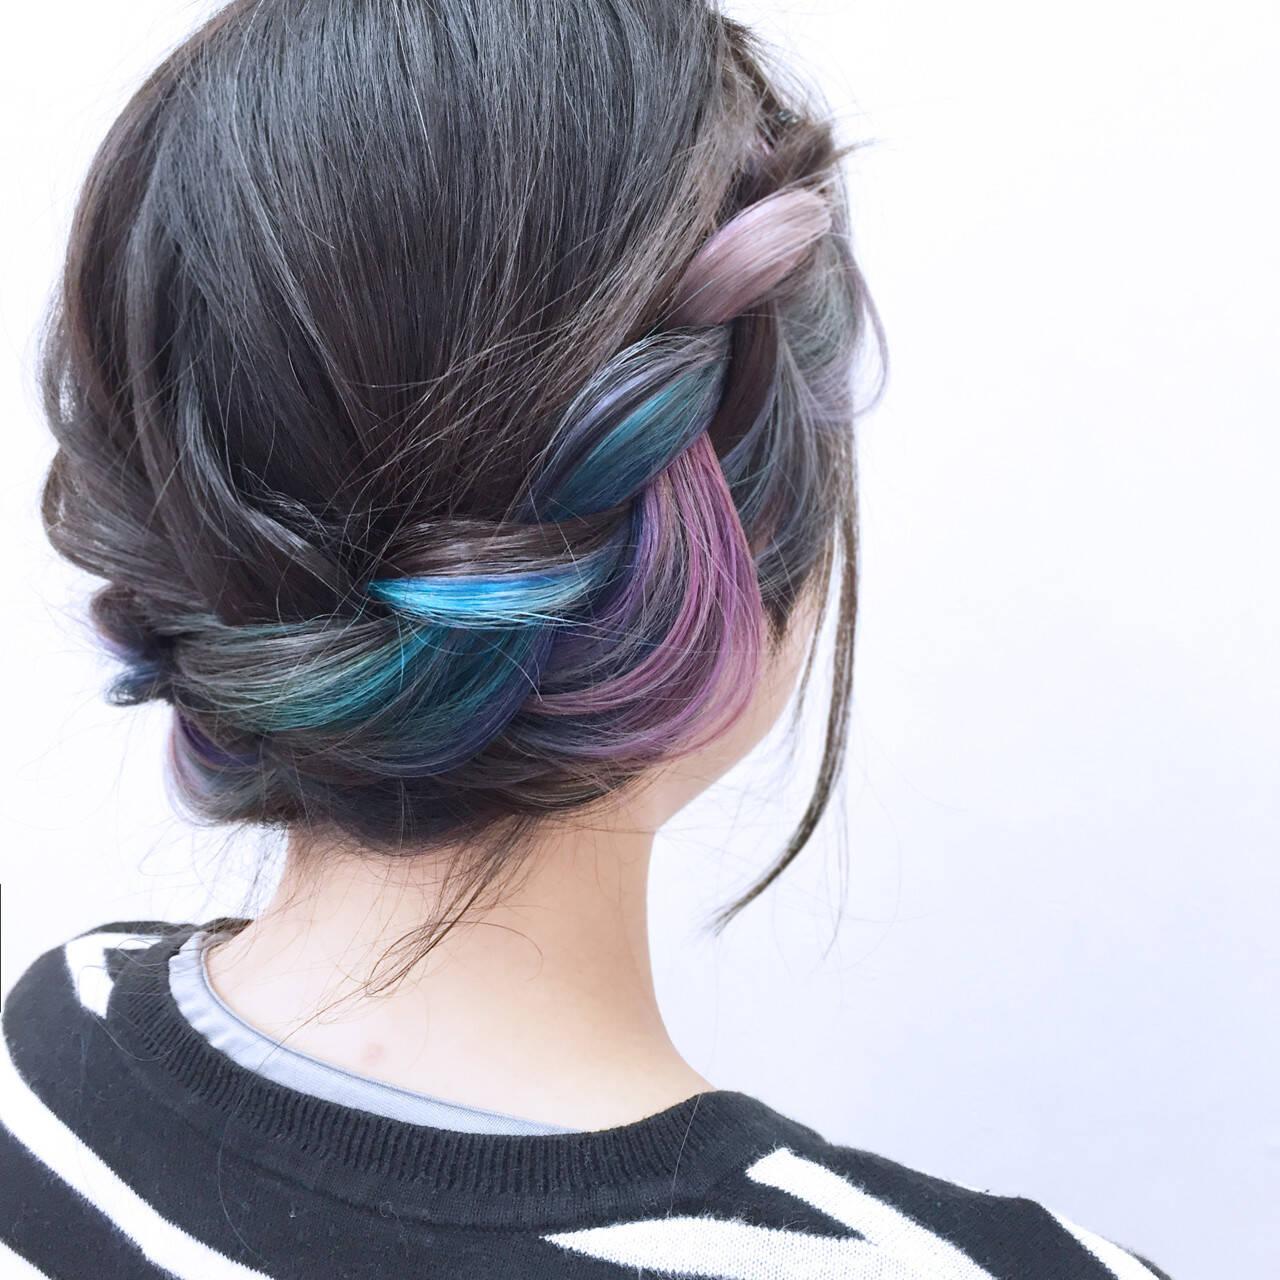 インナーカラー ヘアアレンジ かわいい カラフルカラーヘアスタイルや髪型の写真・画像